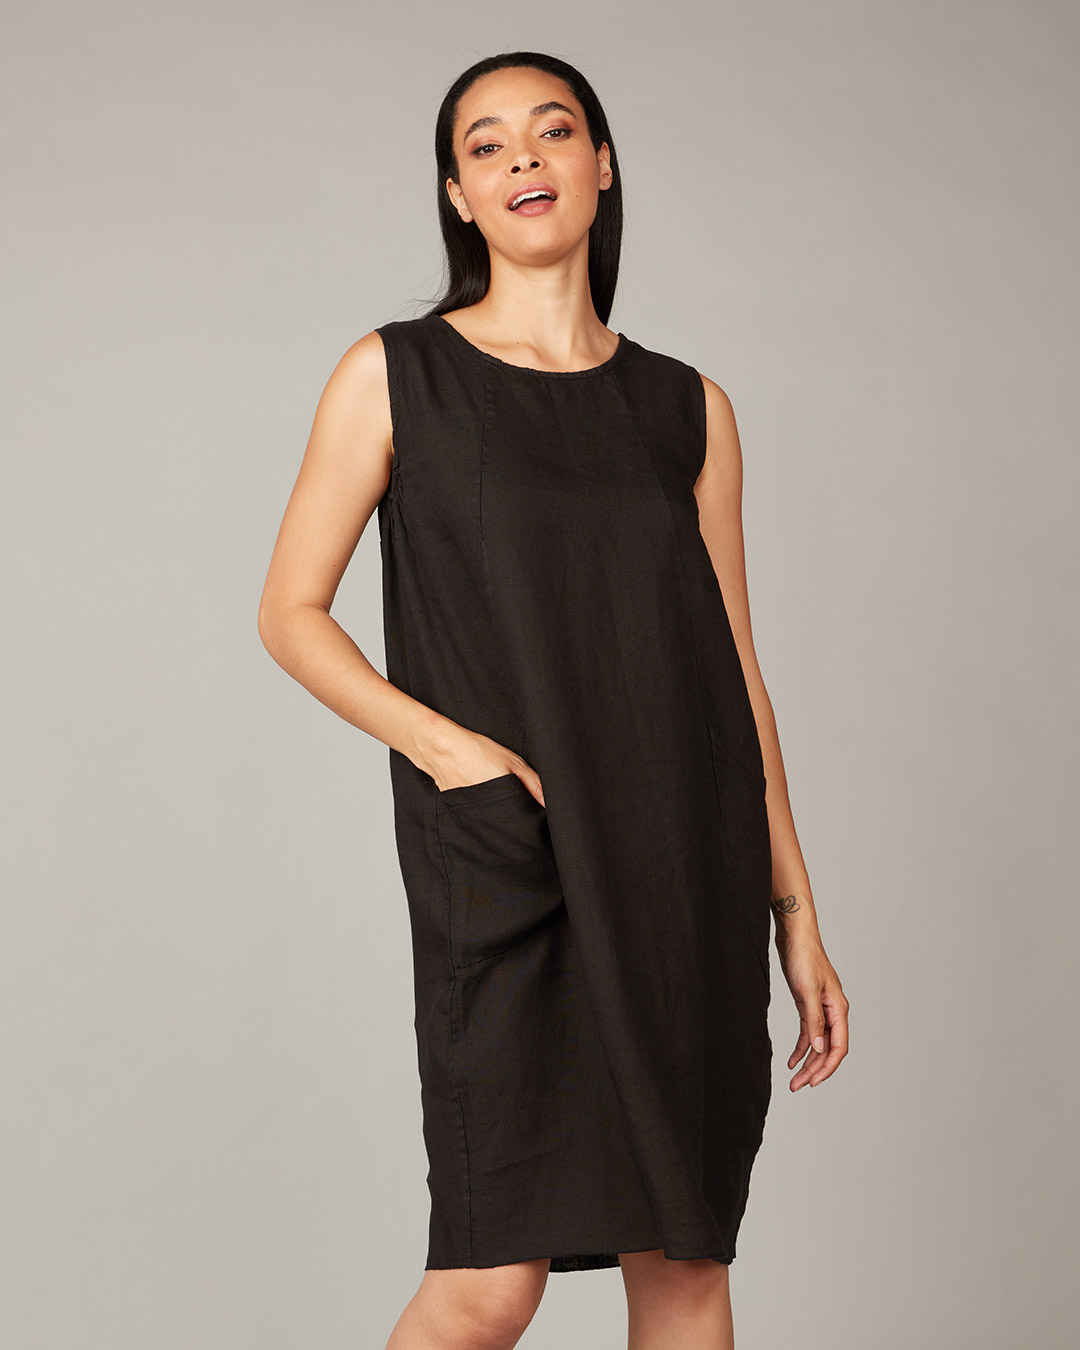 pistache-clothing-comfort-dress-black-dianes-lingerie-vancouver-1080x1080